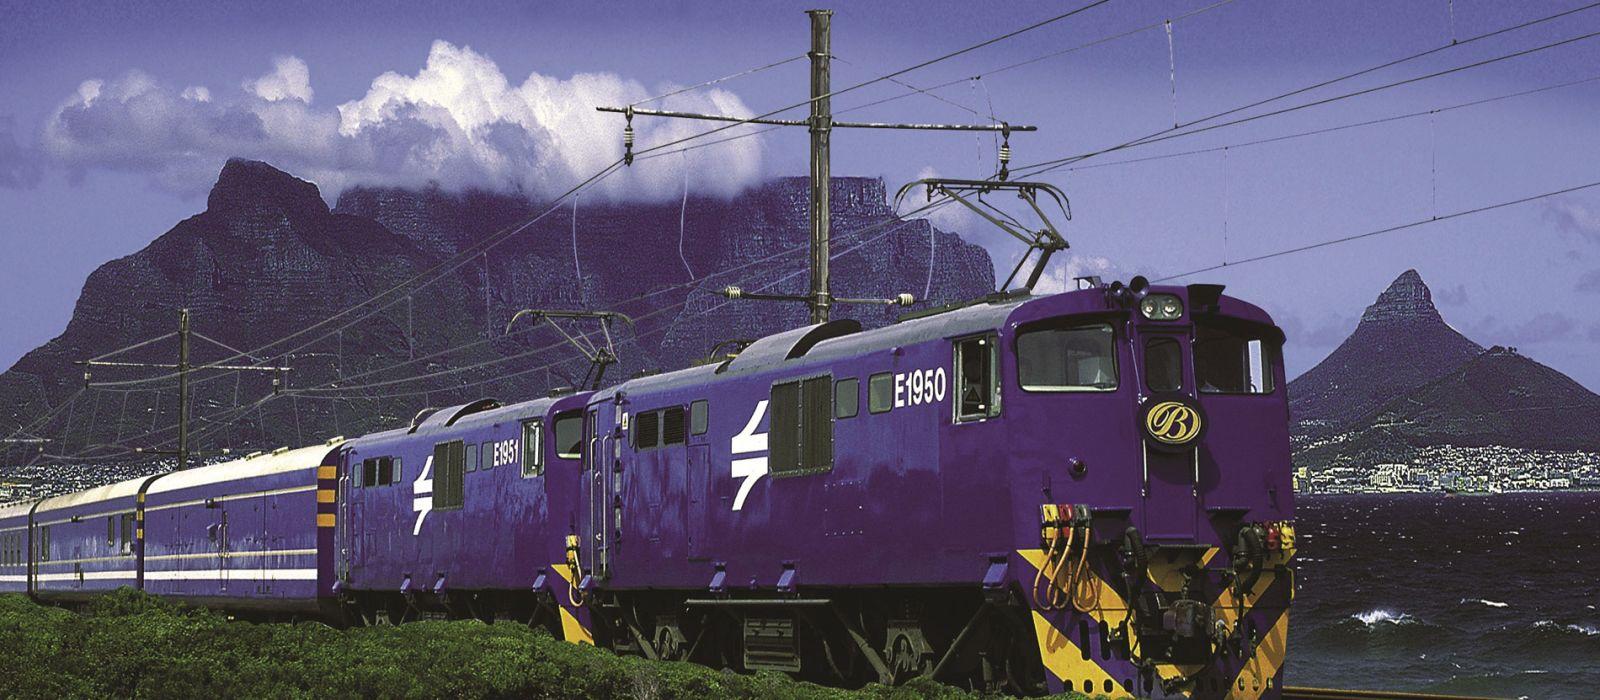 Hotel Blue Train (Cape Town – Pretoria) South Africa